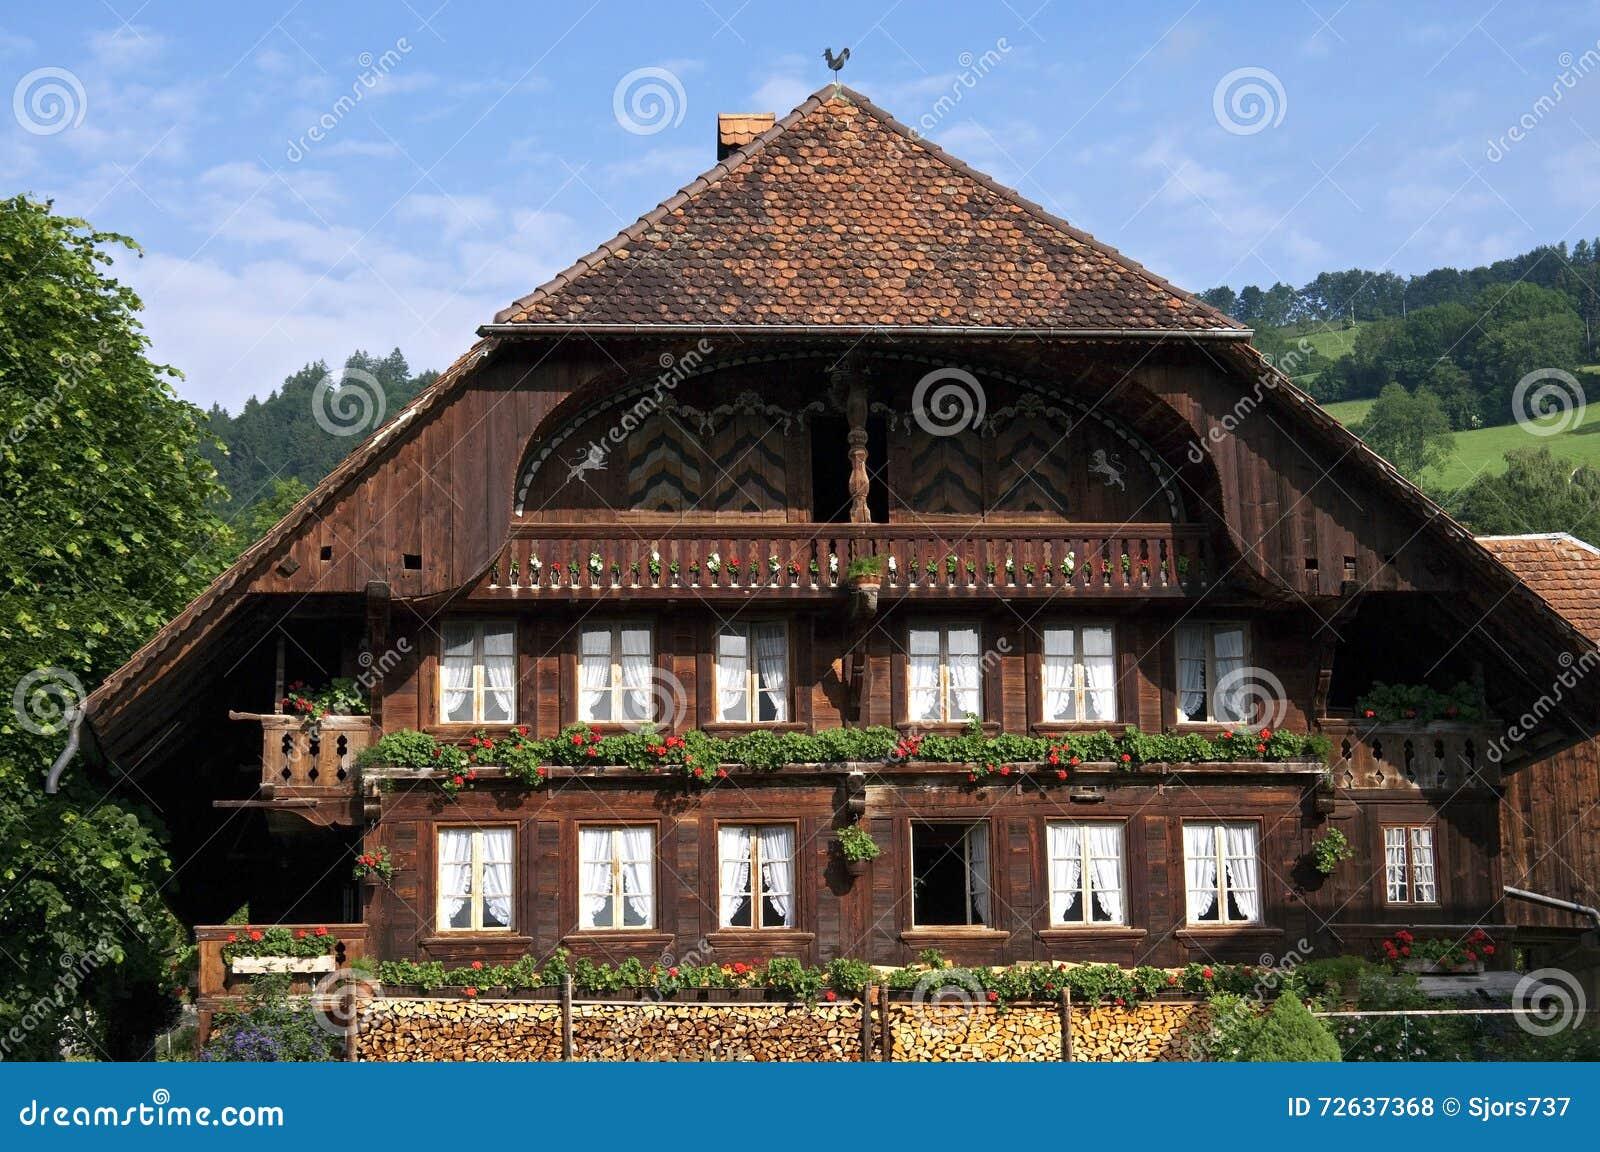 Maison Bois Suisse Typique Dans Village Montagne